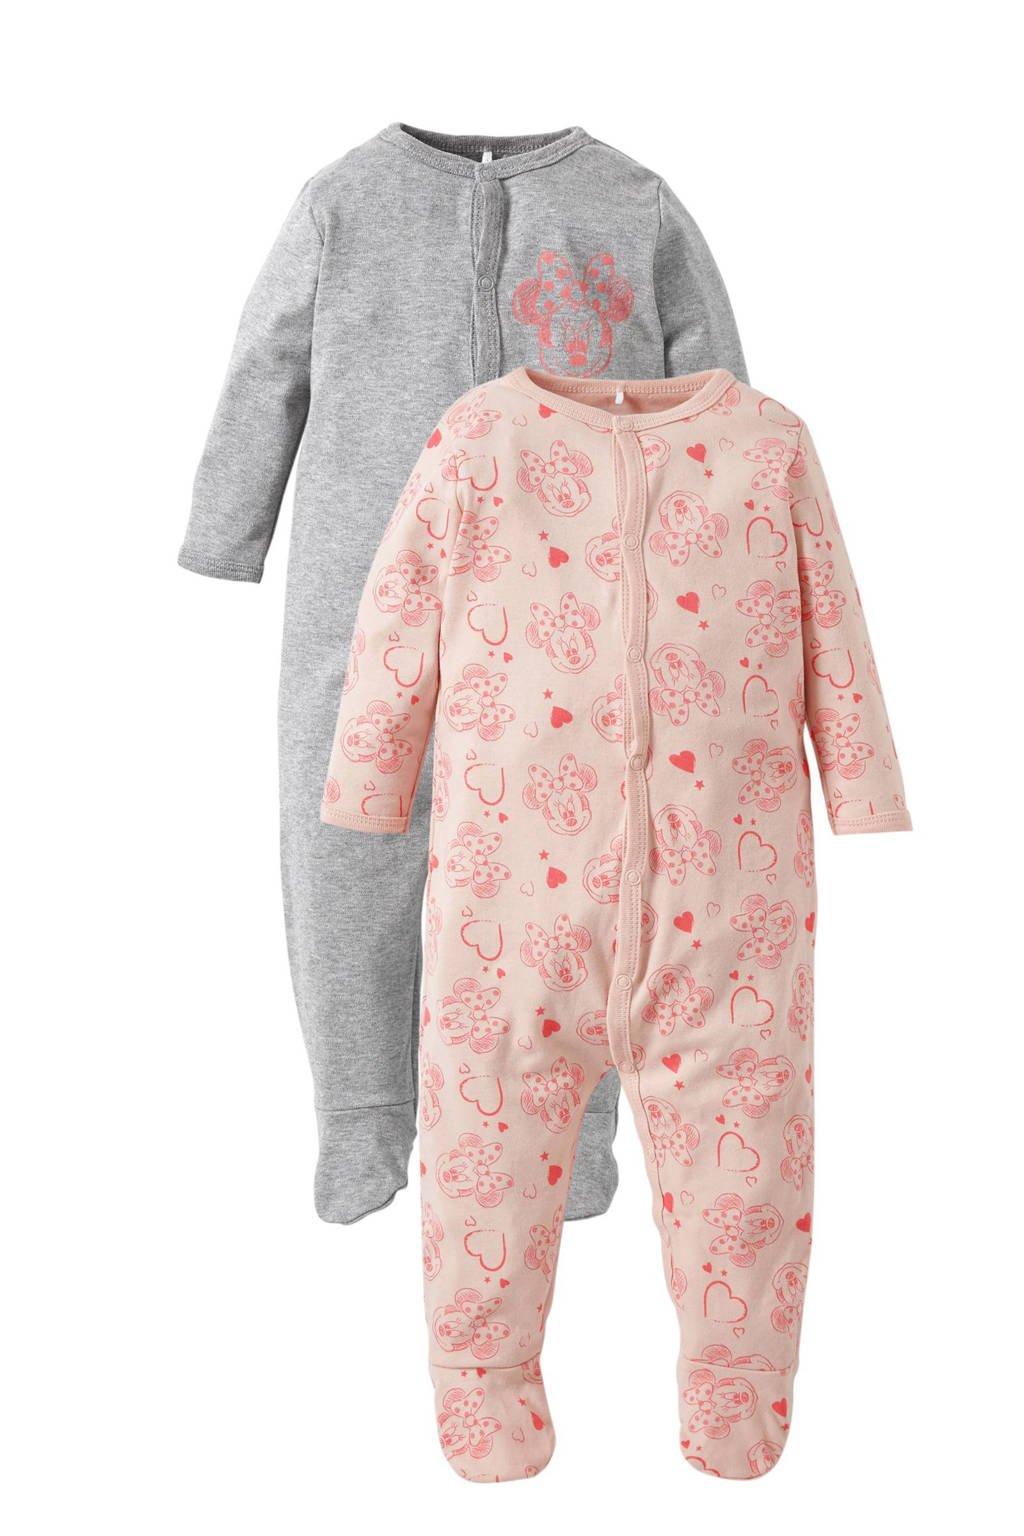 name it BABY newborn pyjama (set van 2), lichtroze/grijs melange